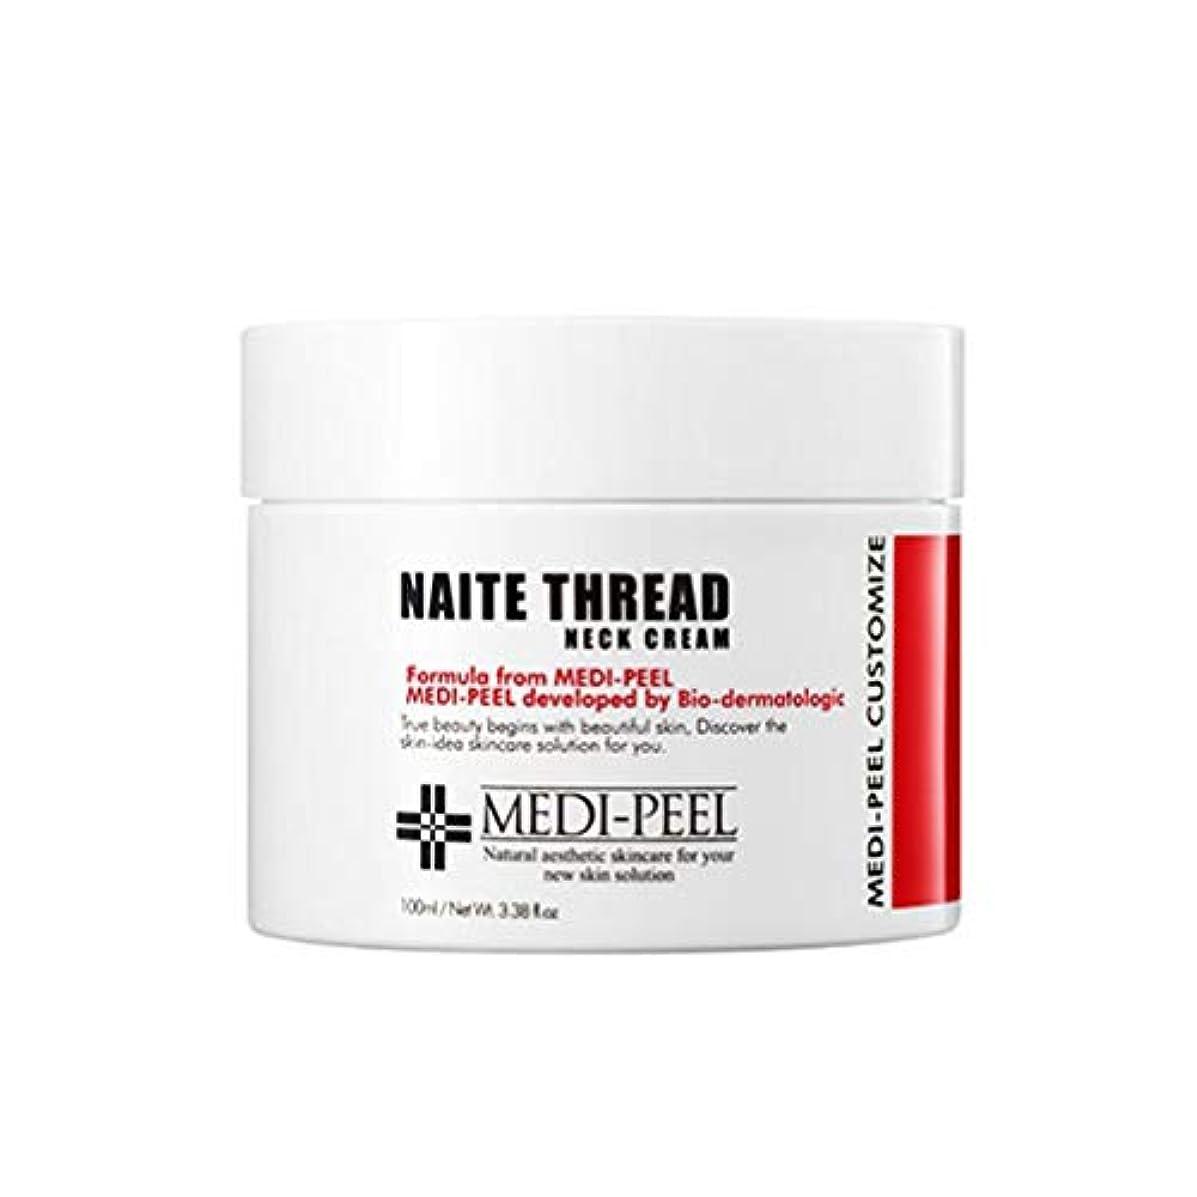 うめき引数フォーラムメディ?フィルナイテ糸ネッククリーム100ml 首のしわのケア韓国コスメ、Medi-Peel Naite Thread Neck Cream 100ml Korean Cosmetics [並行輸入品]